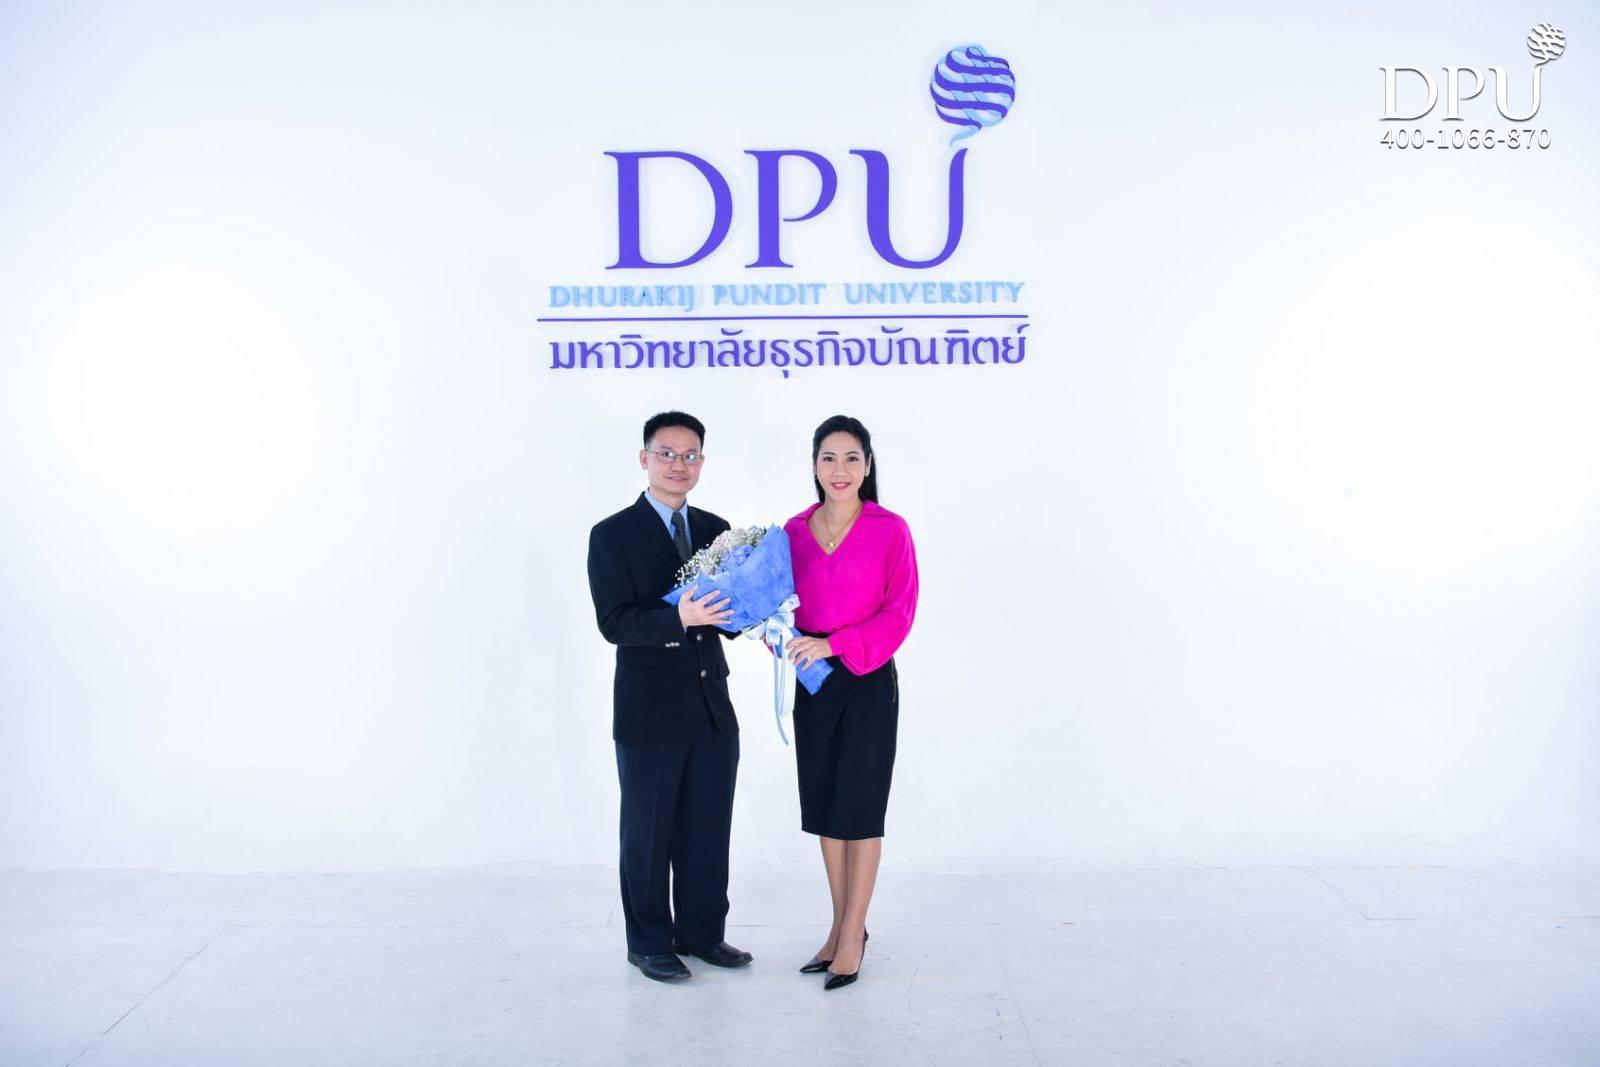 博仁大学校长与Narongdej Kiratiparanon合影